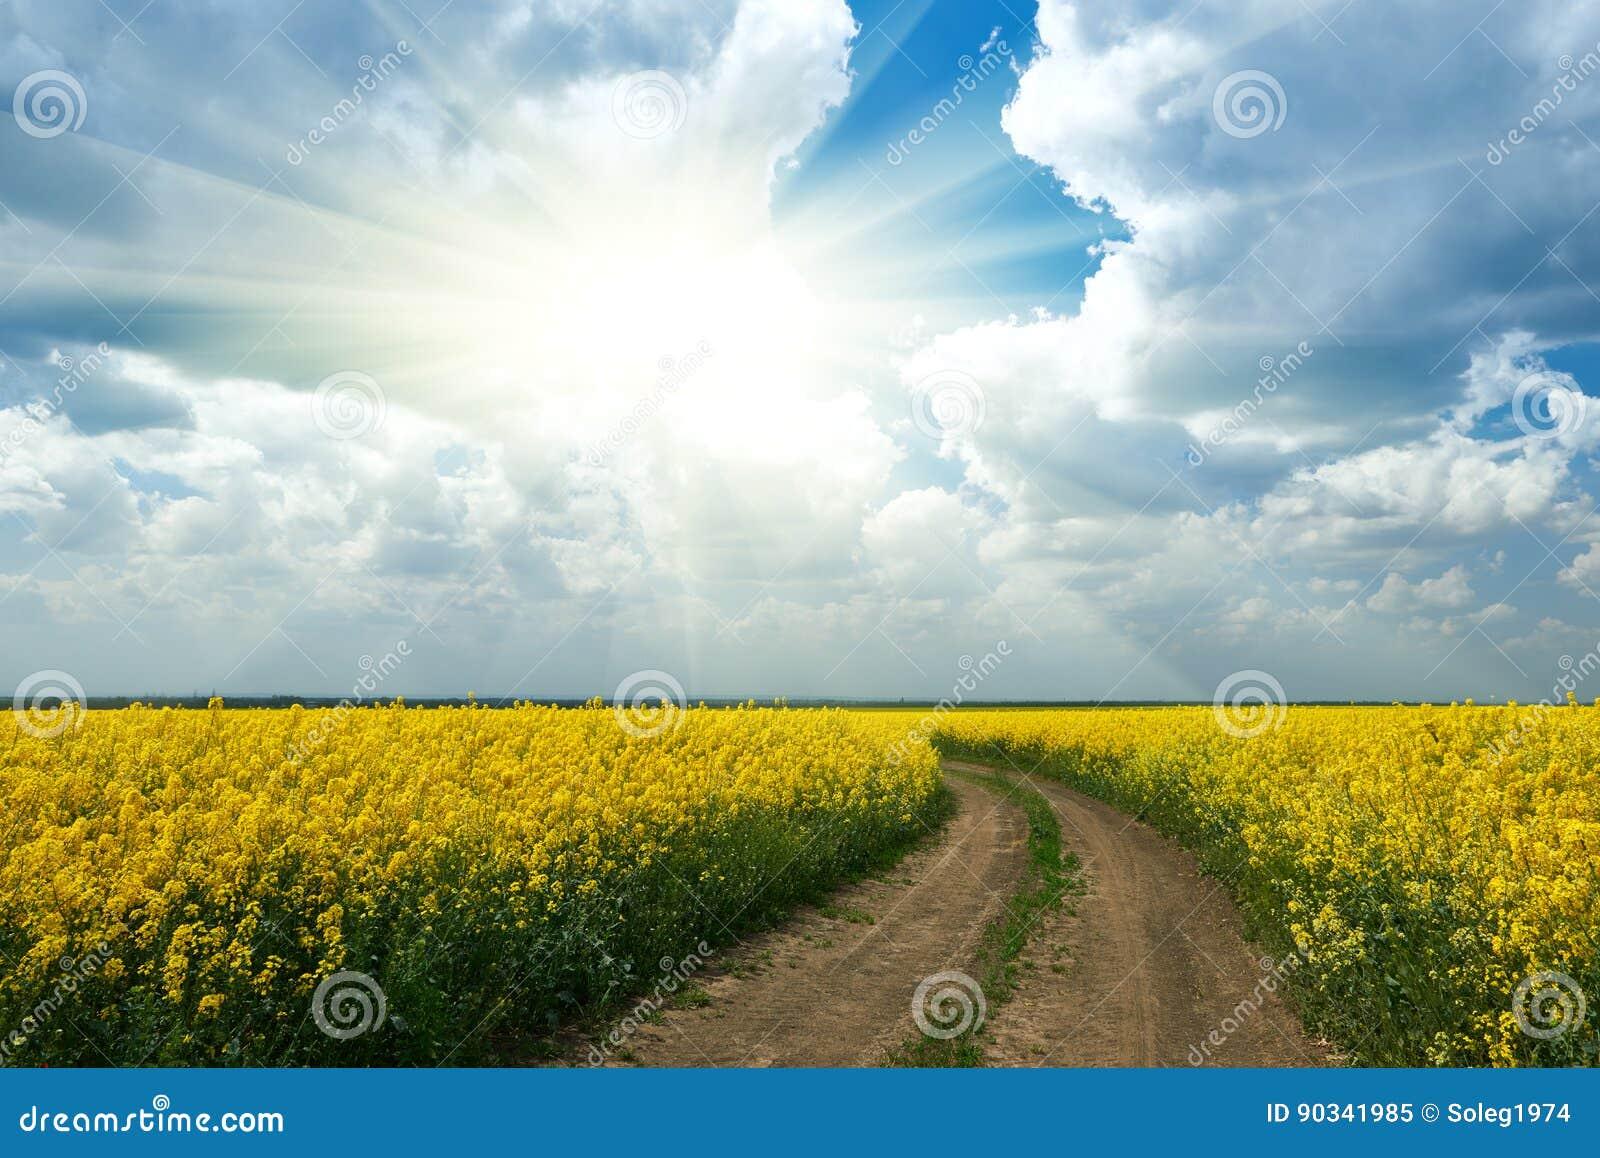 Grondweg op geel bloemgebied met zon, mooi de lentelandschap, heldere zonnige dag, raapzaad